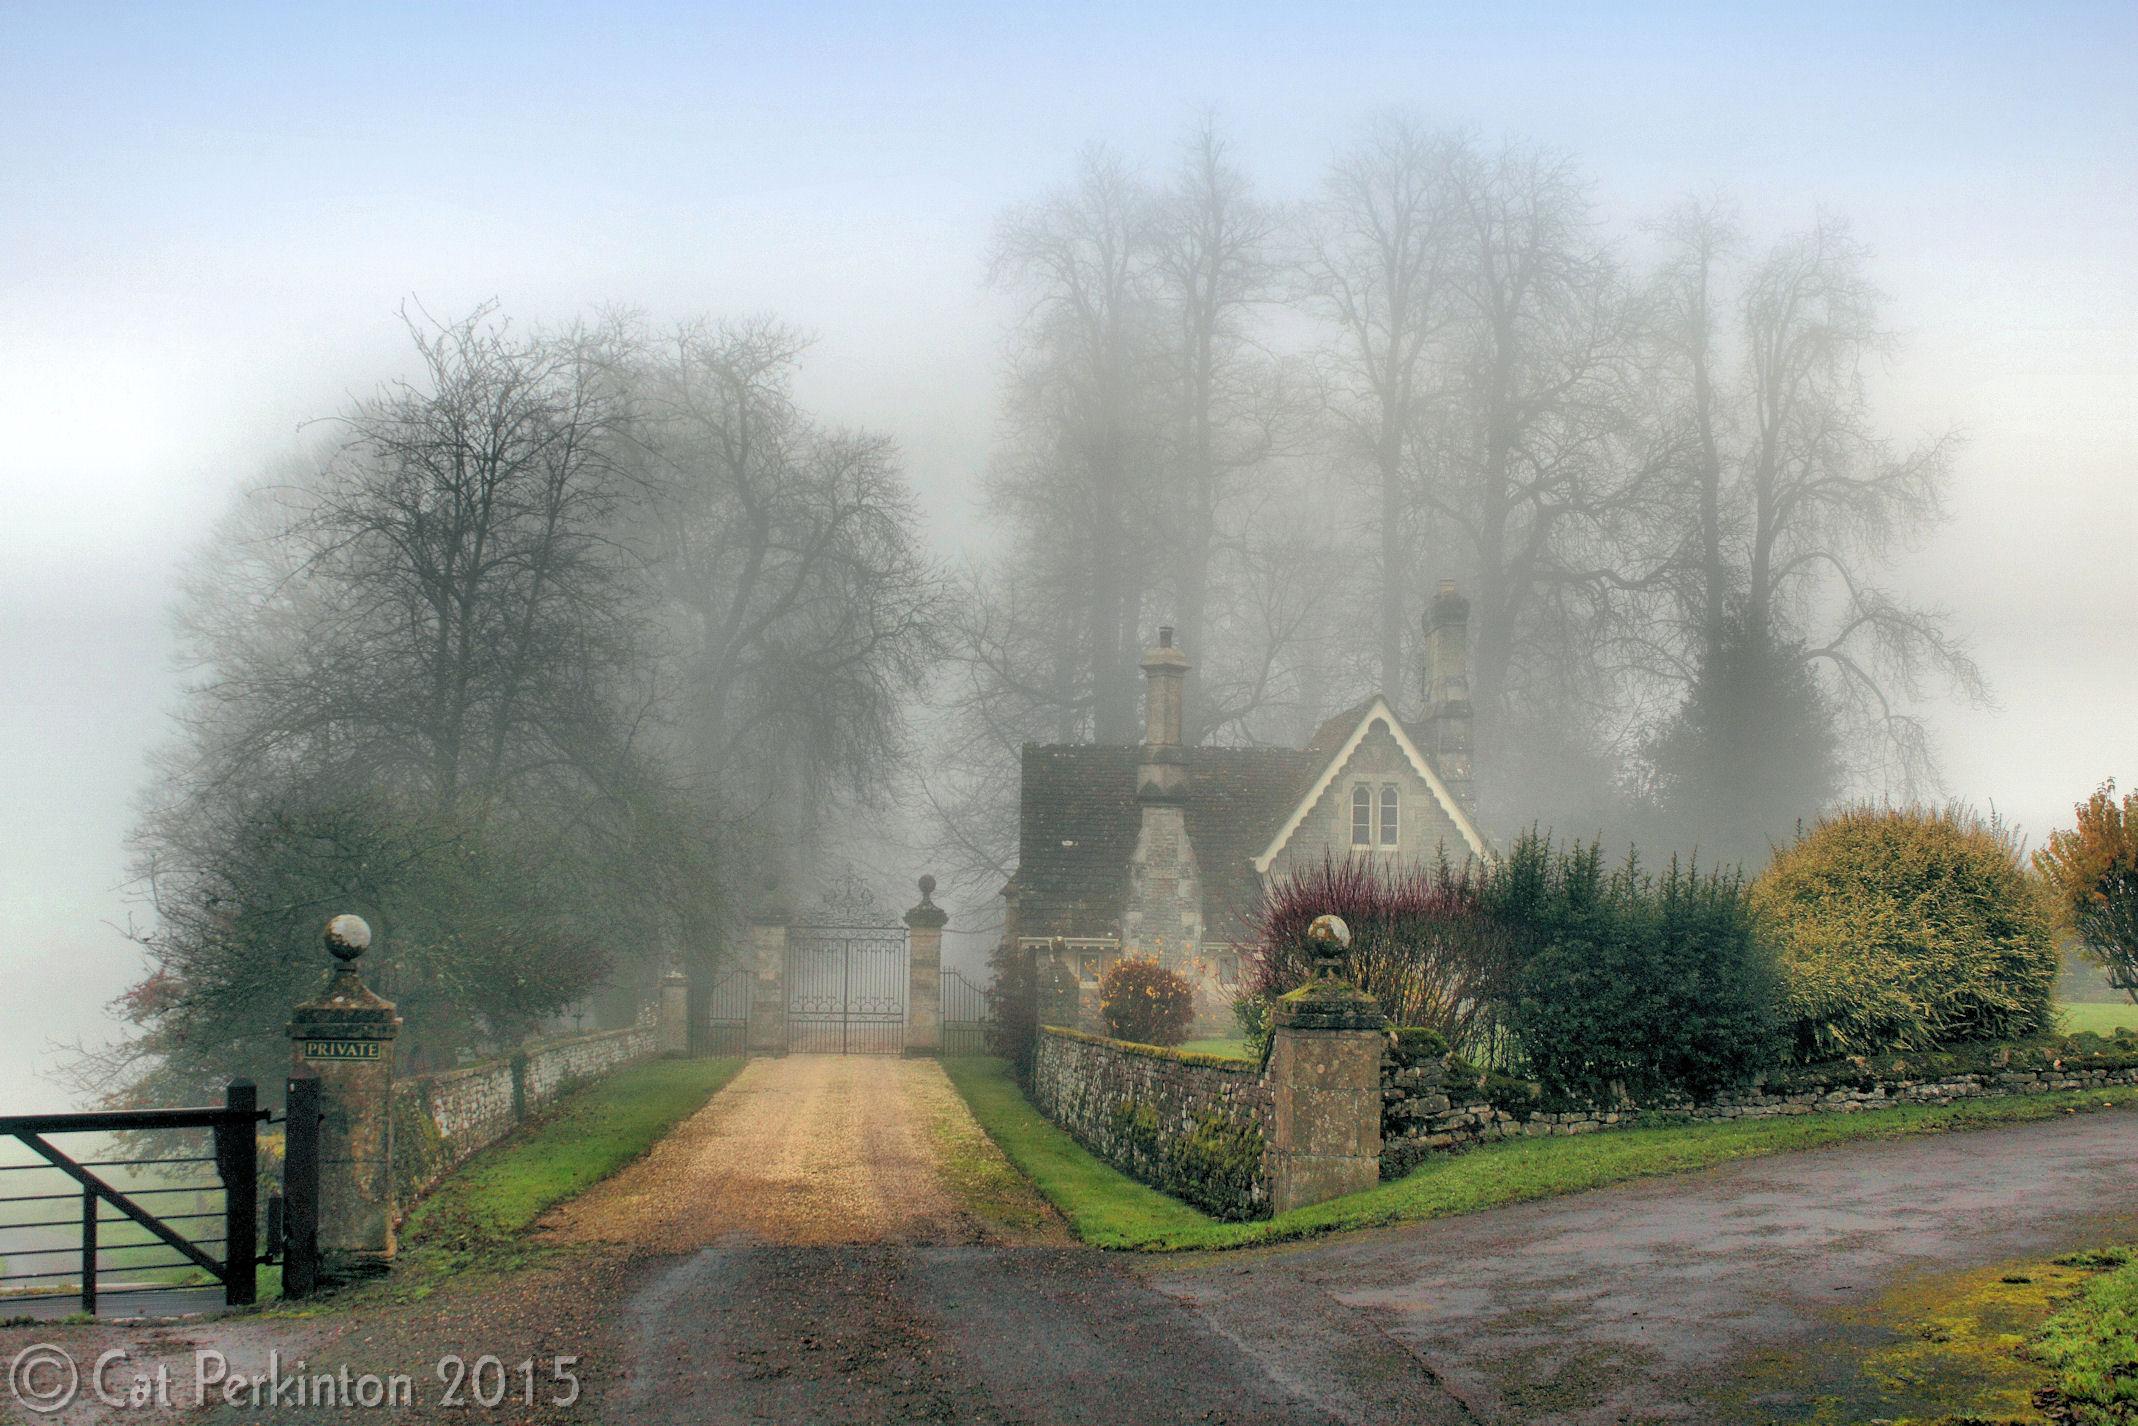 Gate House Mist